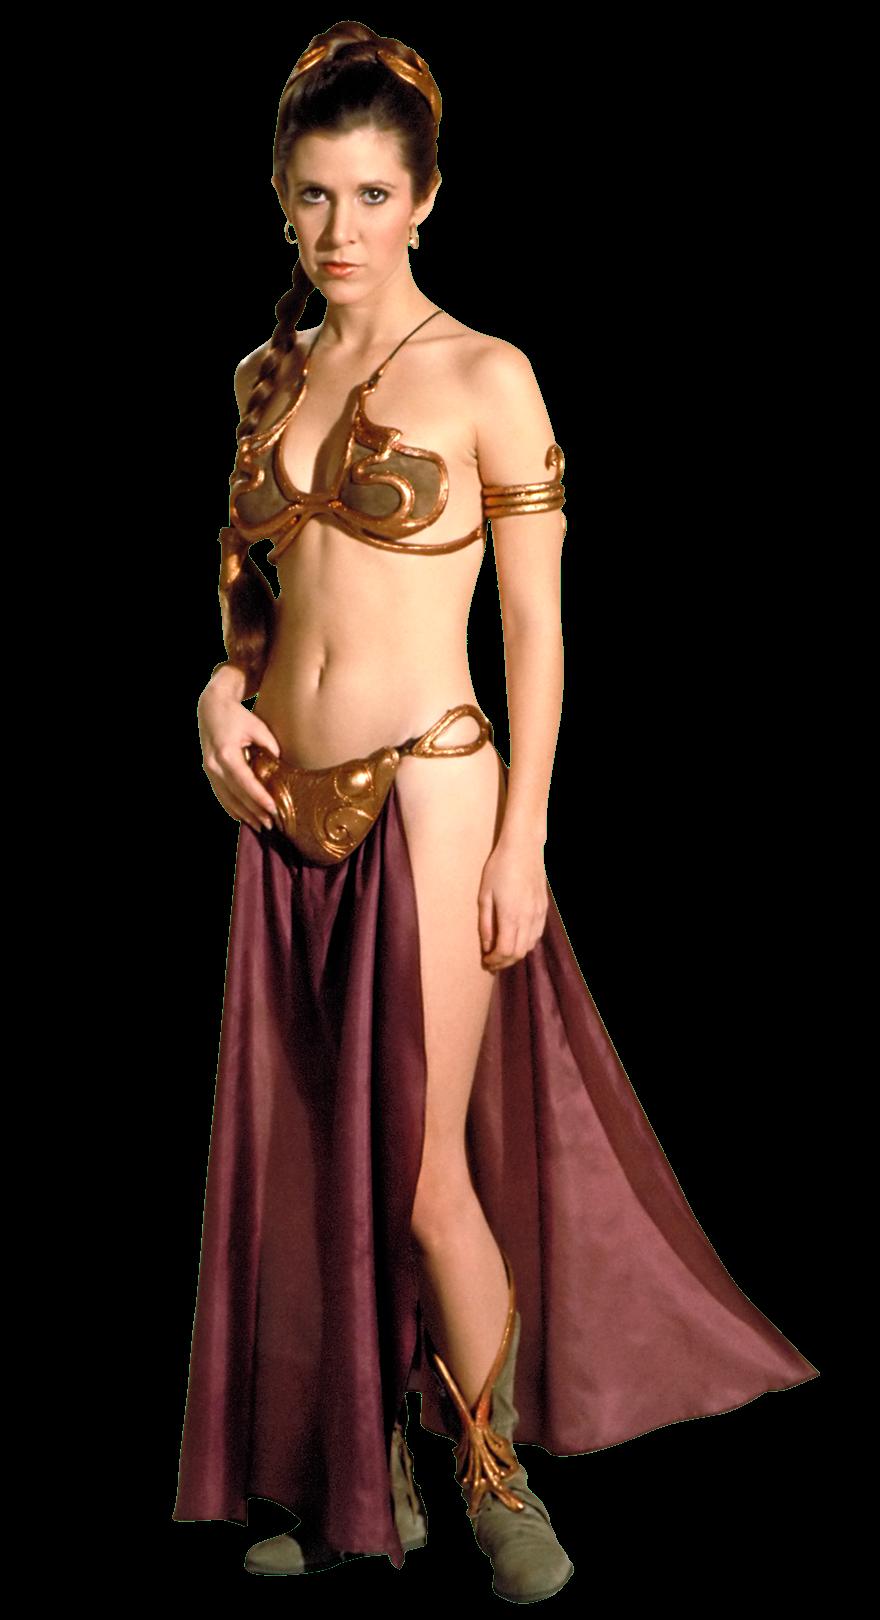 sc 1 st  Wookieepedia - Fandom & Slave Leia costume | Wookieepedia | FANDOM powered by Wikia